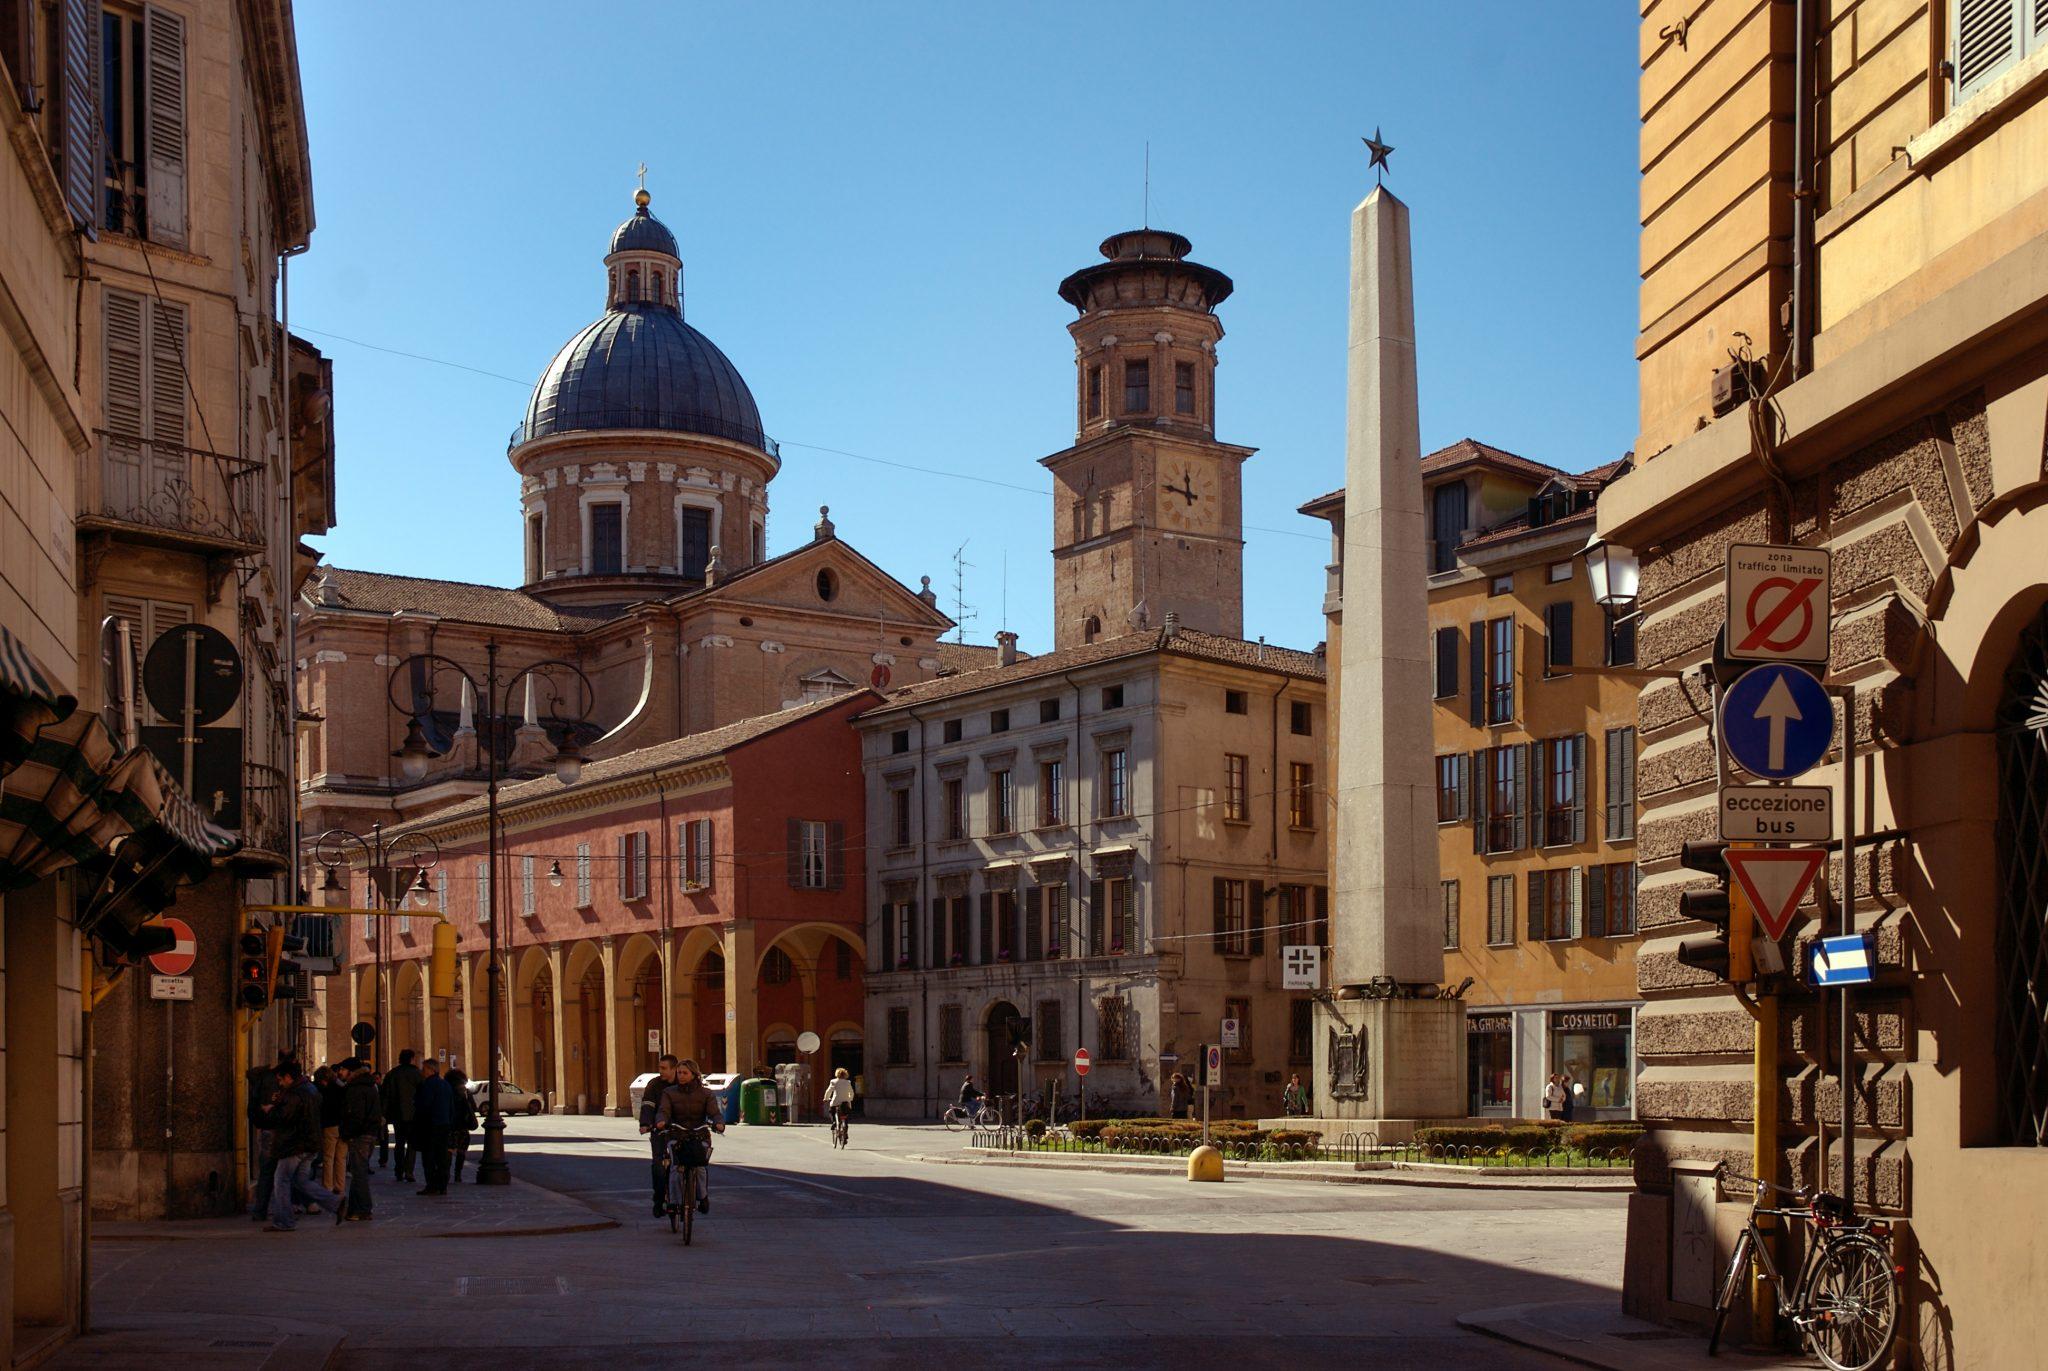 Reggio Emiliat street in Italy